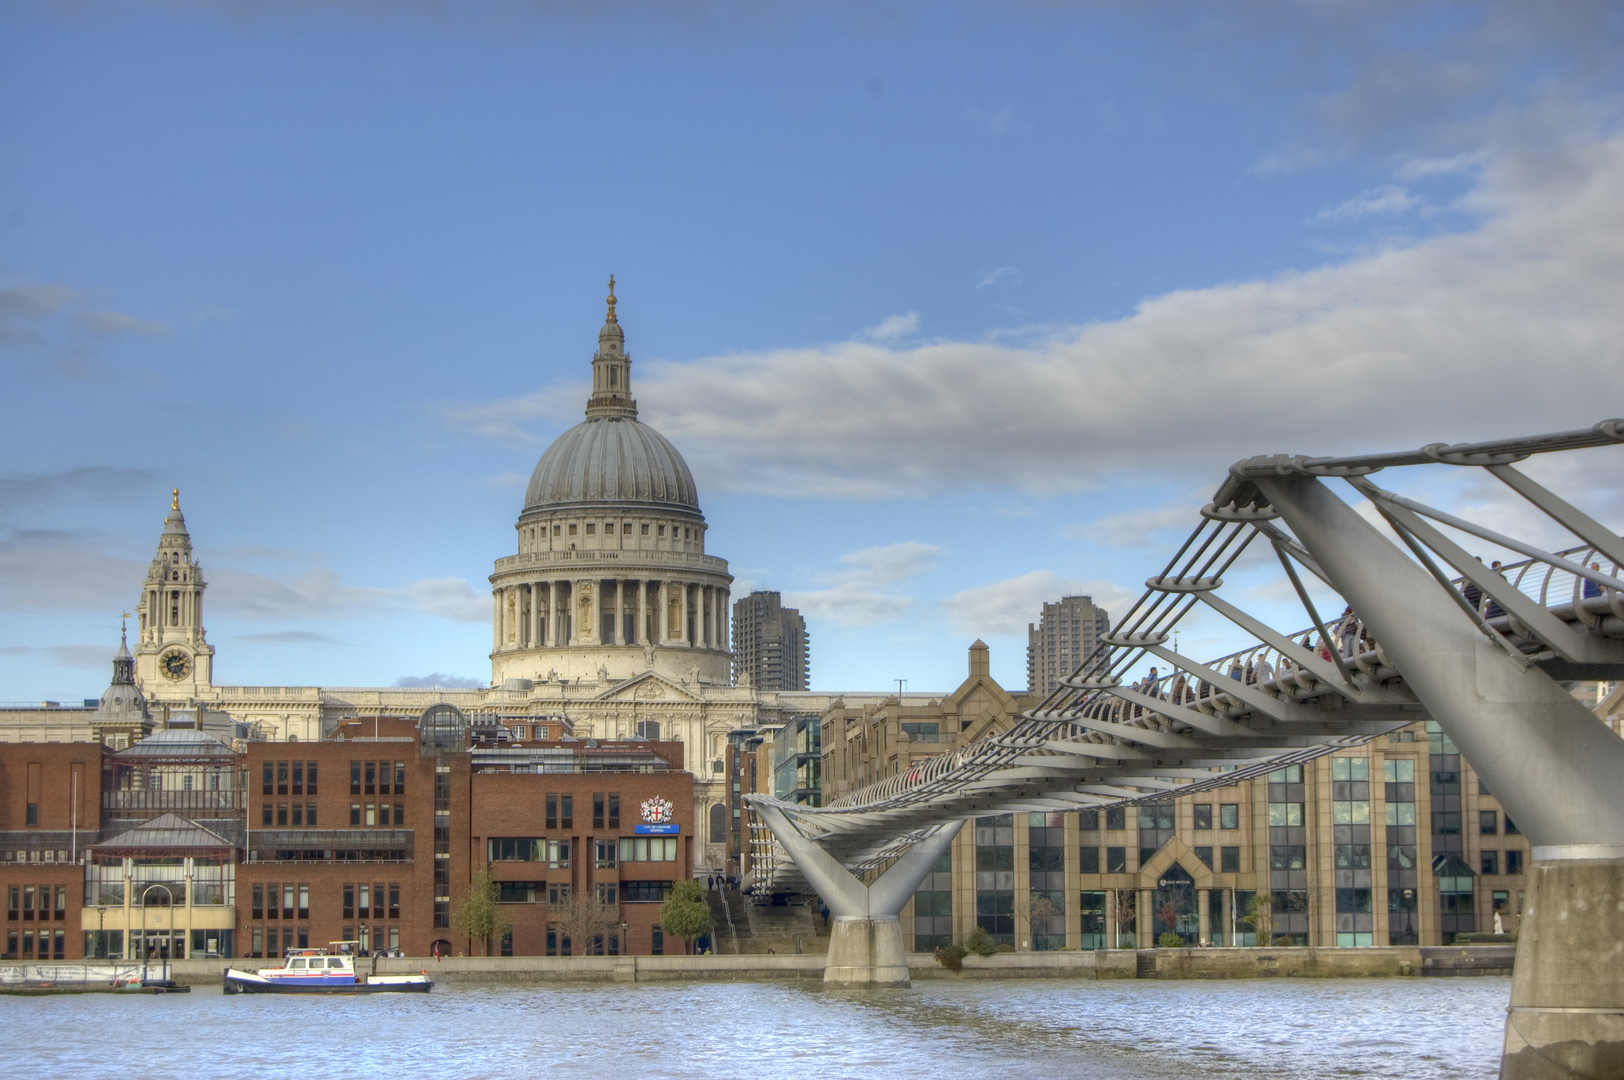 St. Paul's Cathedral & Millenium Bridge